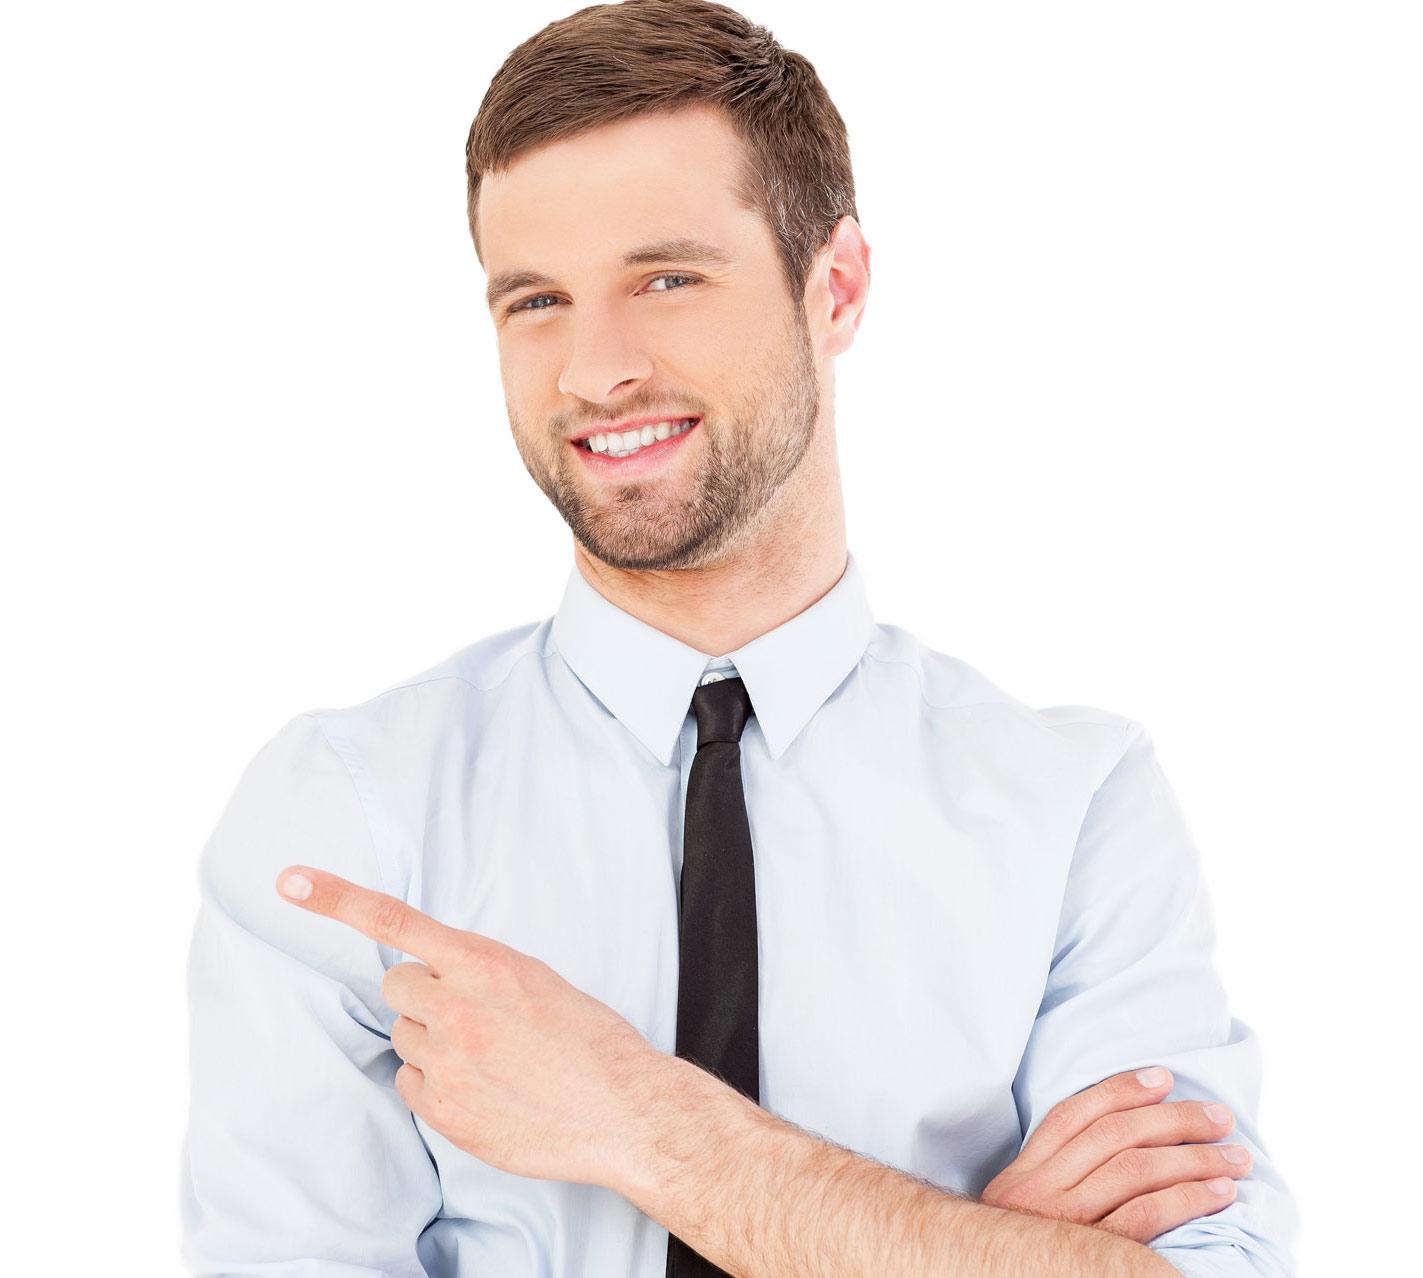 Uomo manager: outfit per ogni occasione, dalla cravatta alla camicia personalizzata